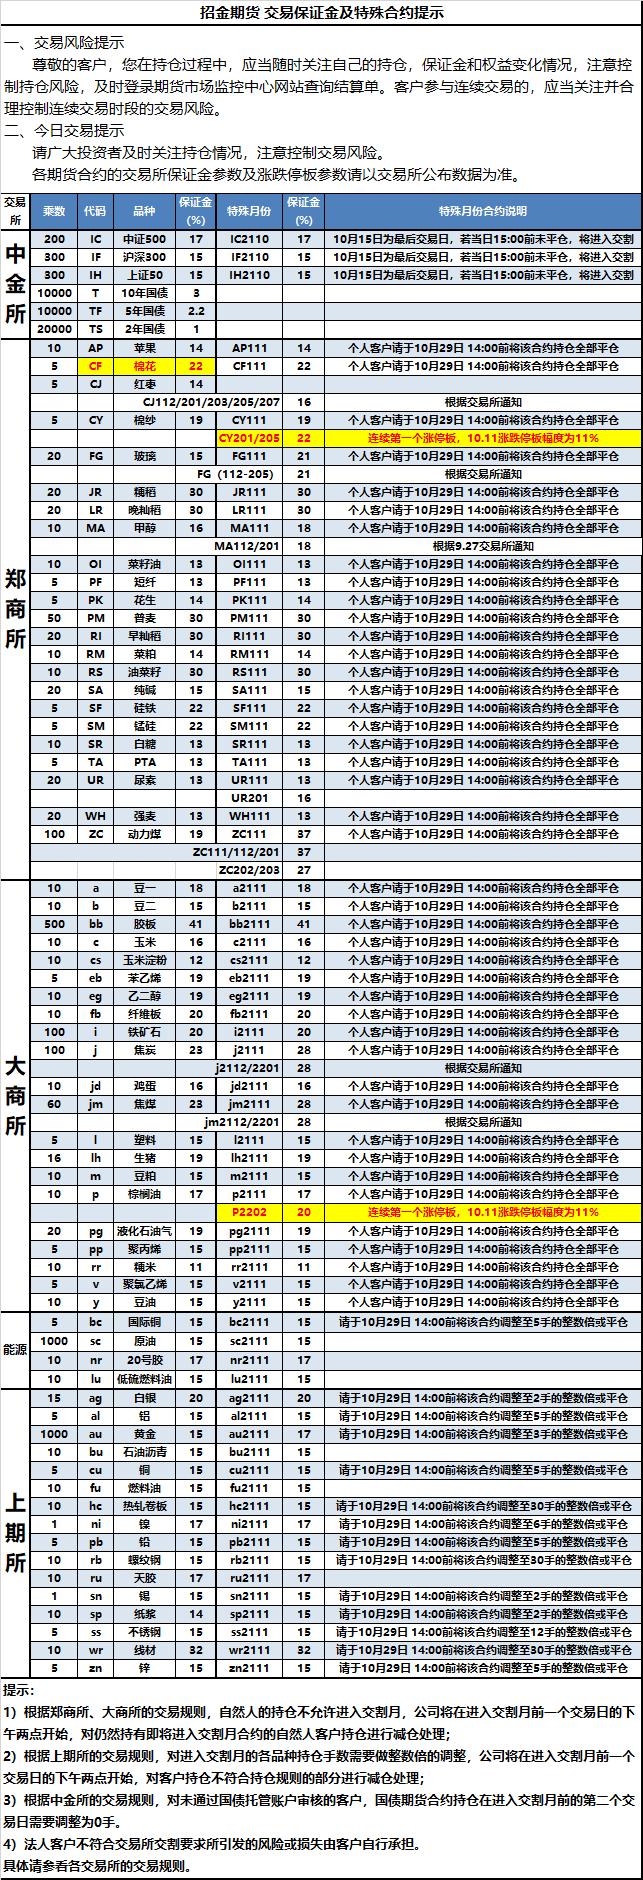 2021-10-11交易保证金